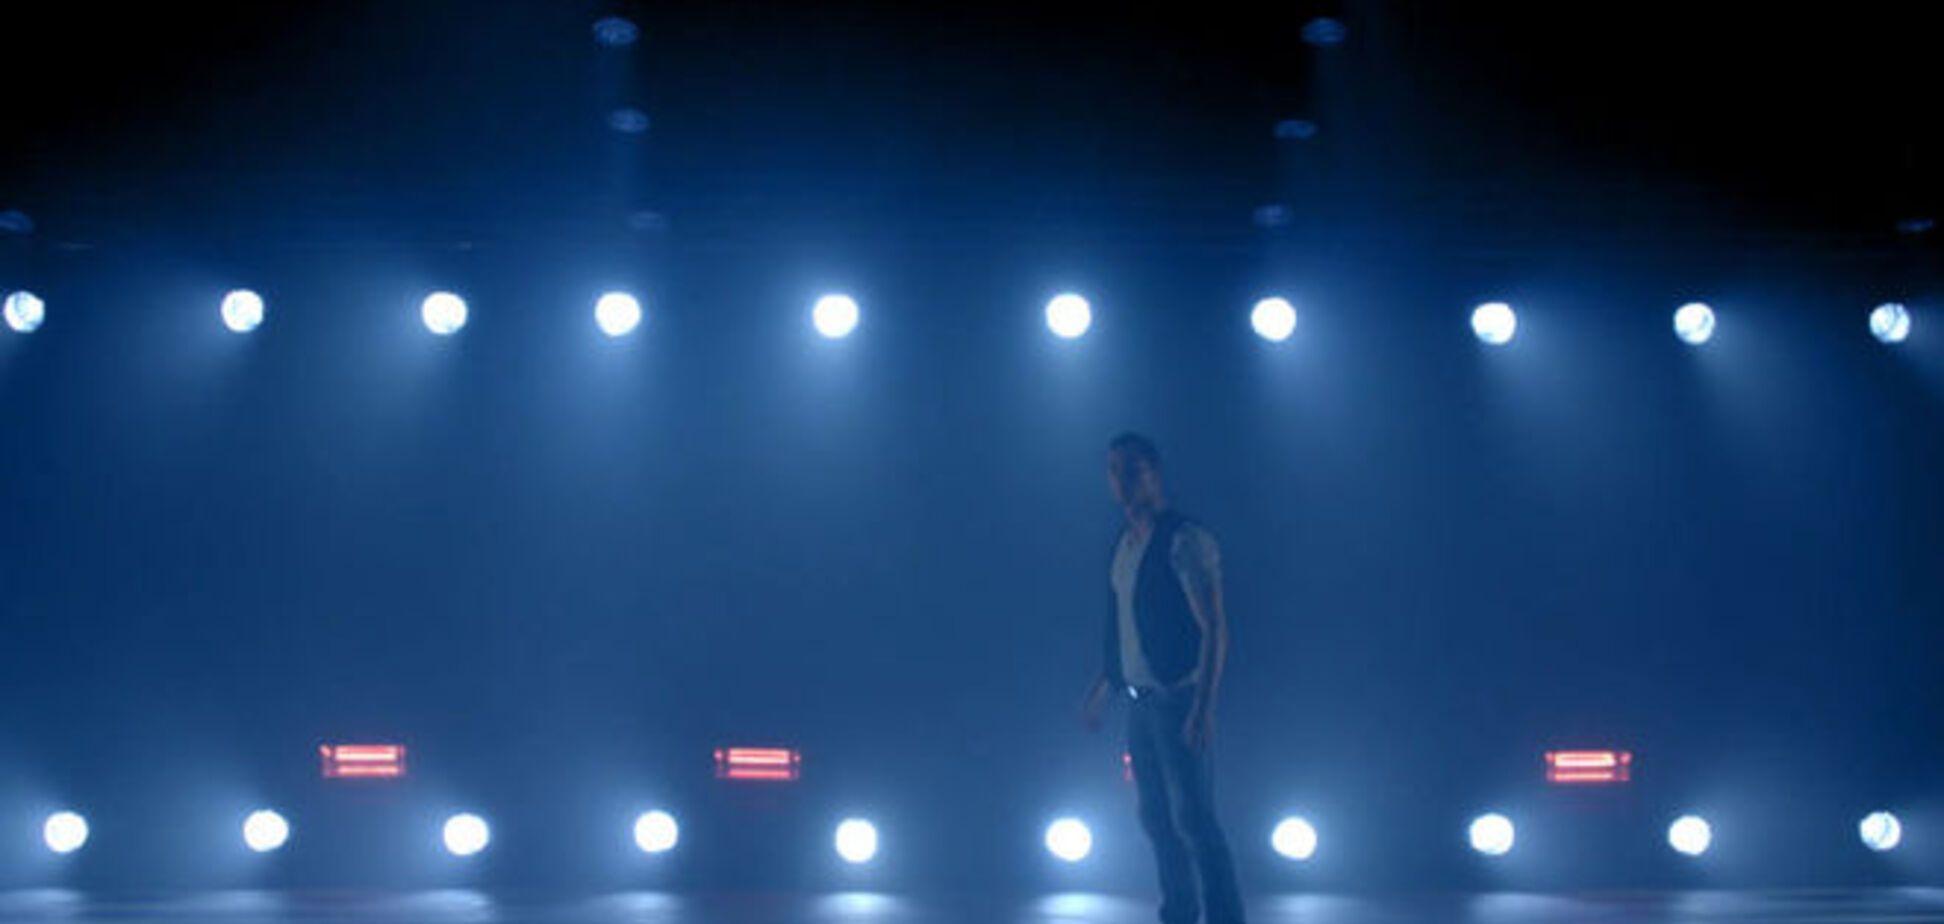 Криштиану Роналду станцевал как Майкл Джексон: видео танца